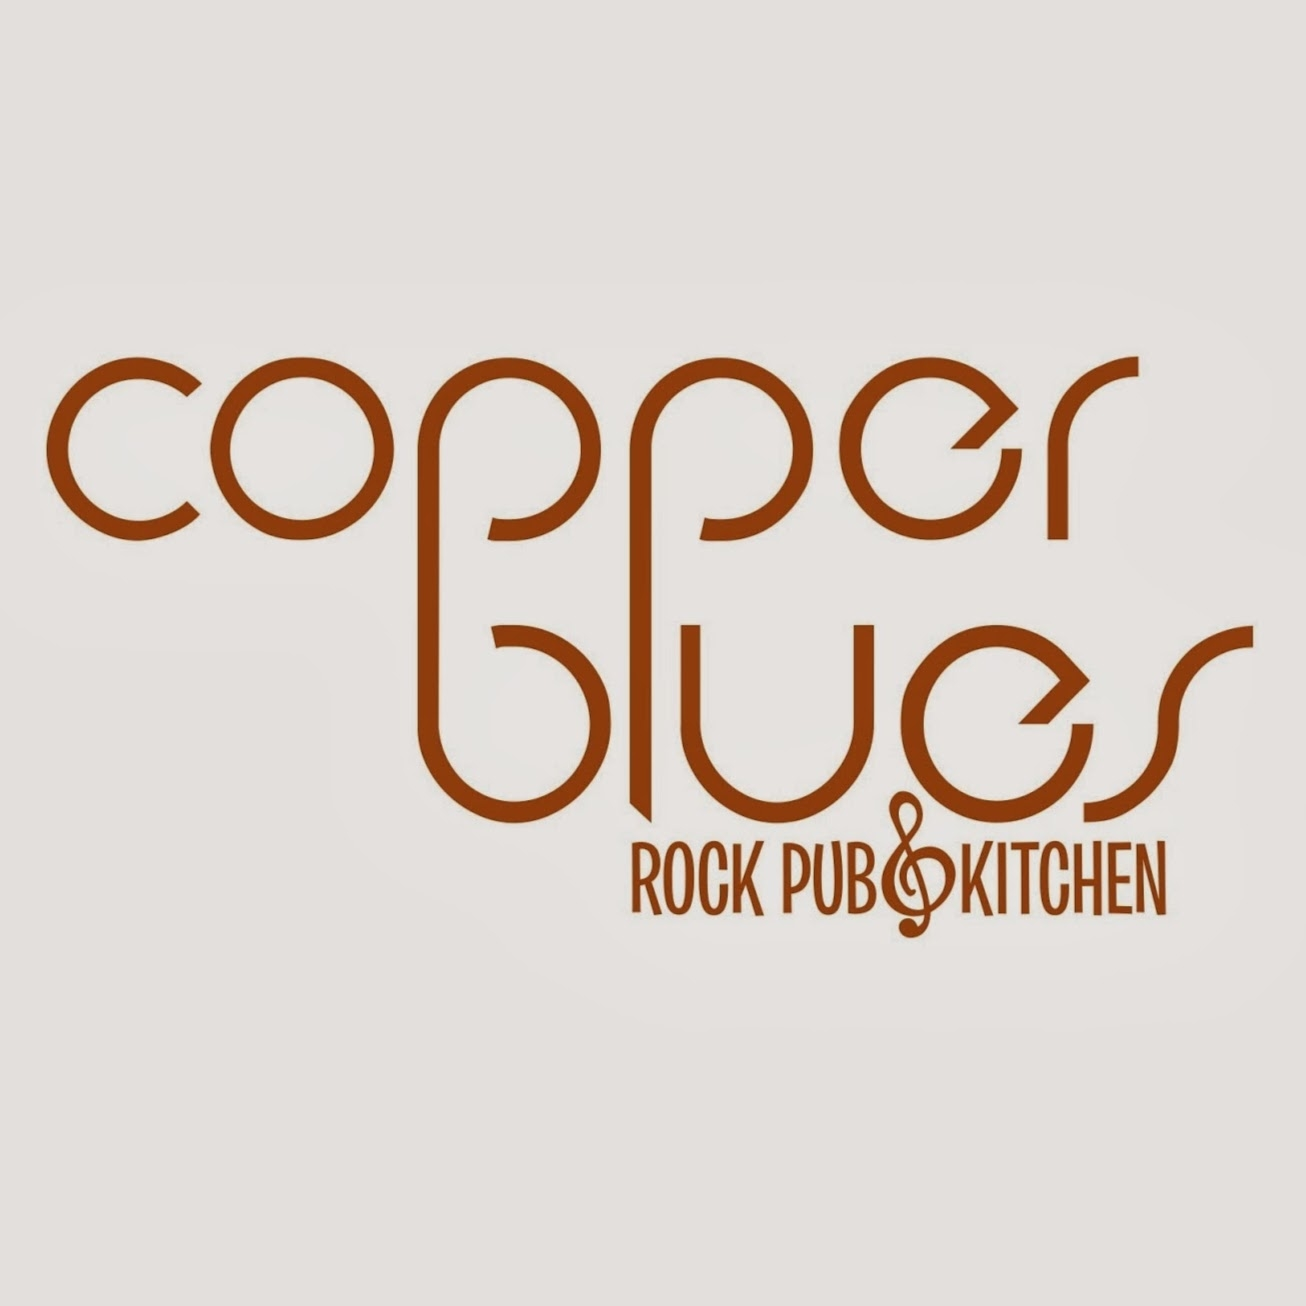 Copper Blues Rock Pub & Kitchen